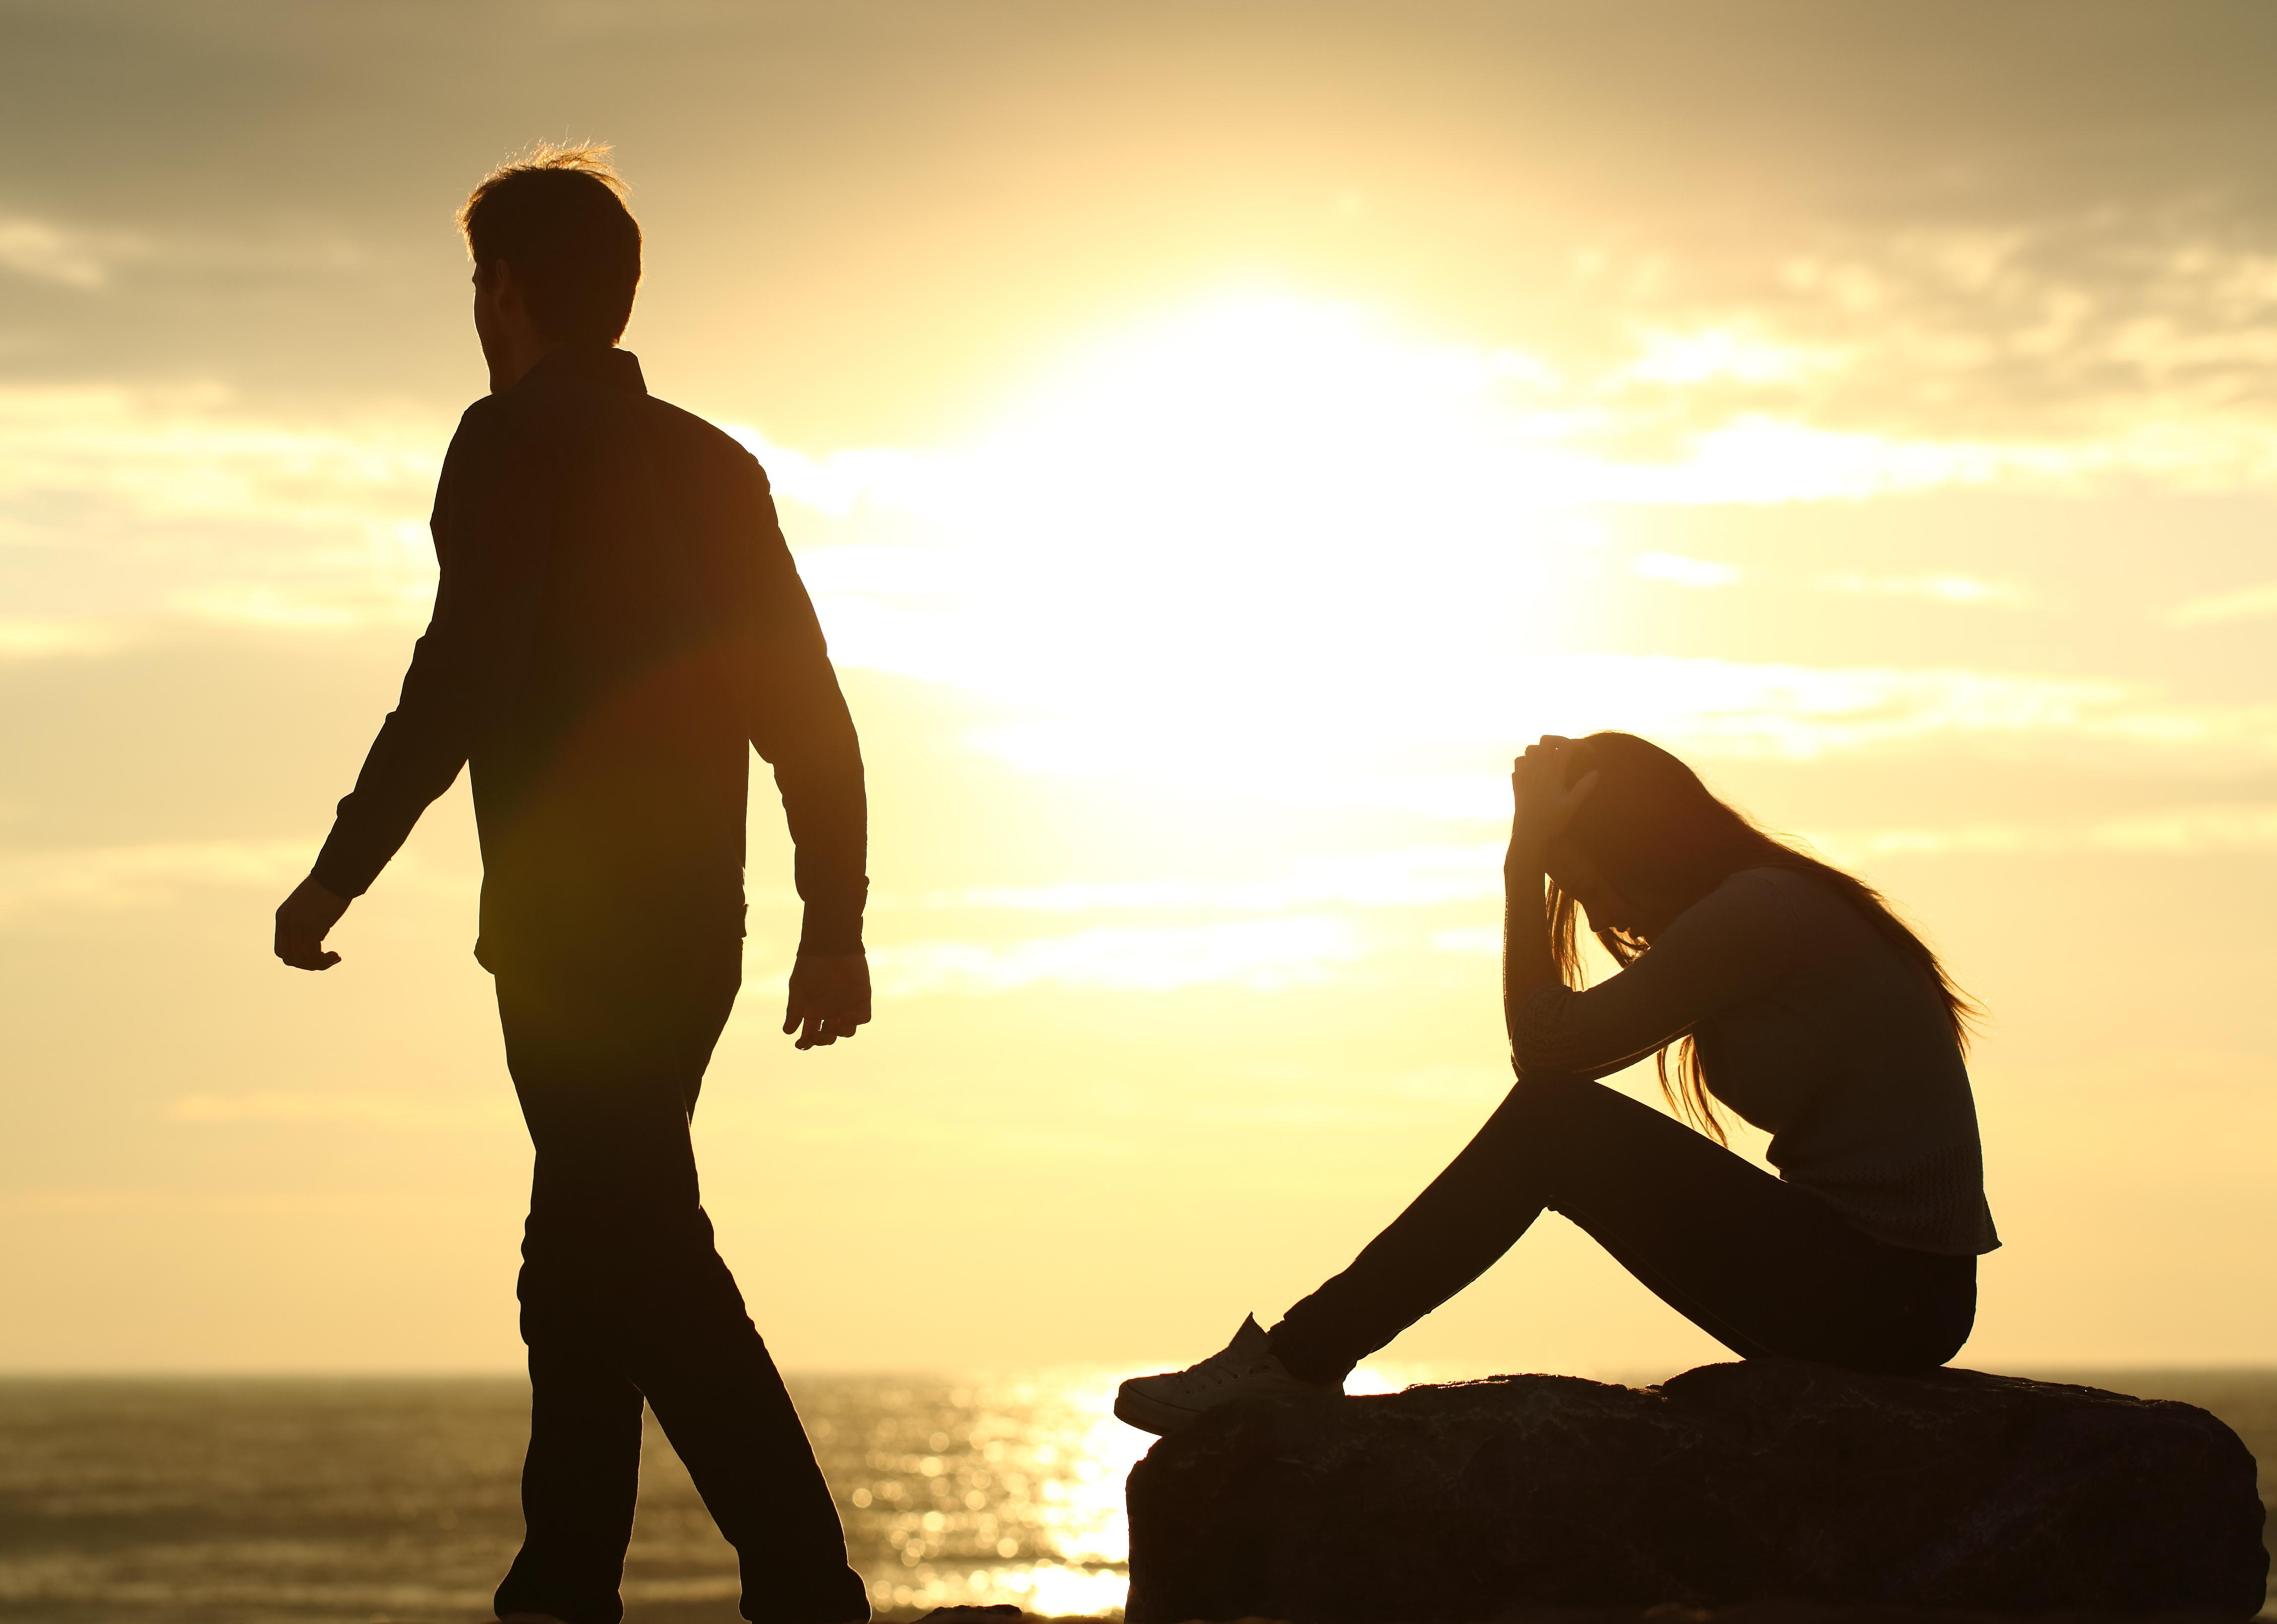 Er det svært for dig, din partner og jeres forhold lige nu?